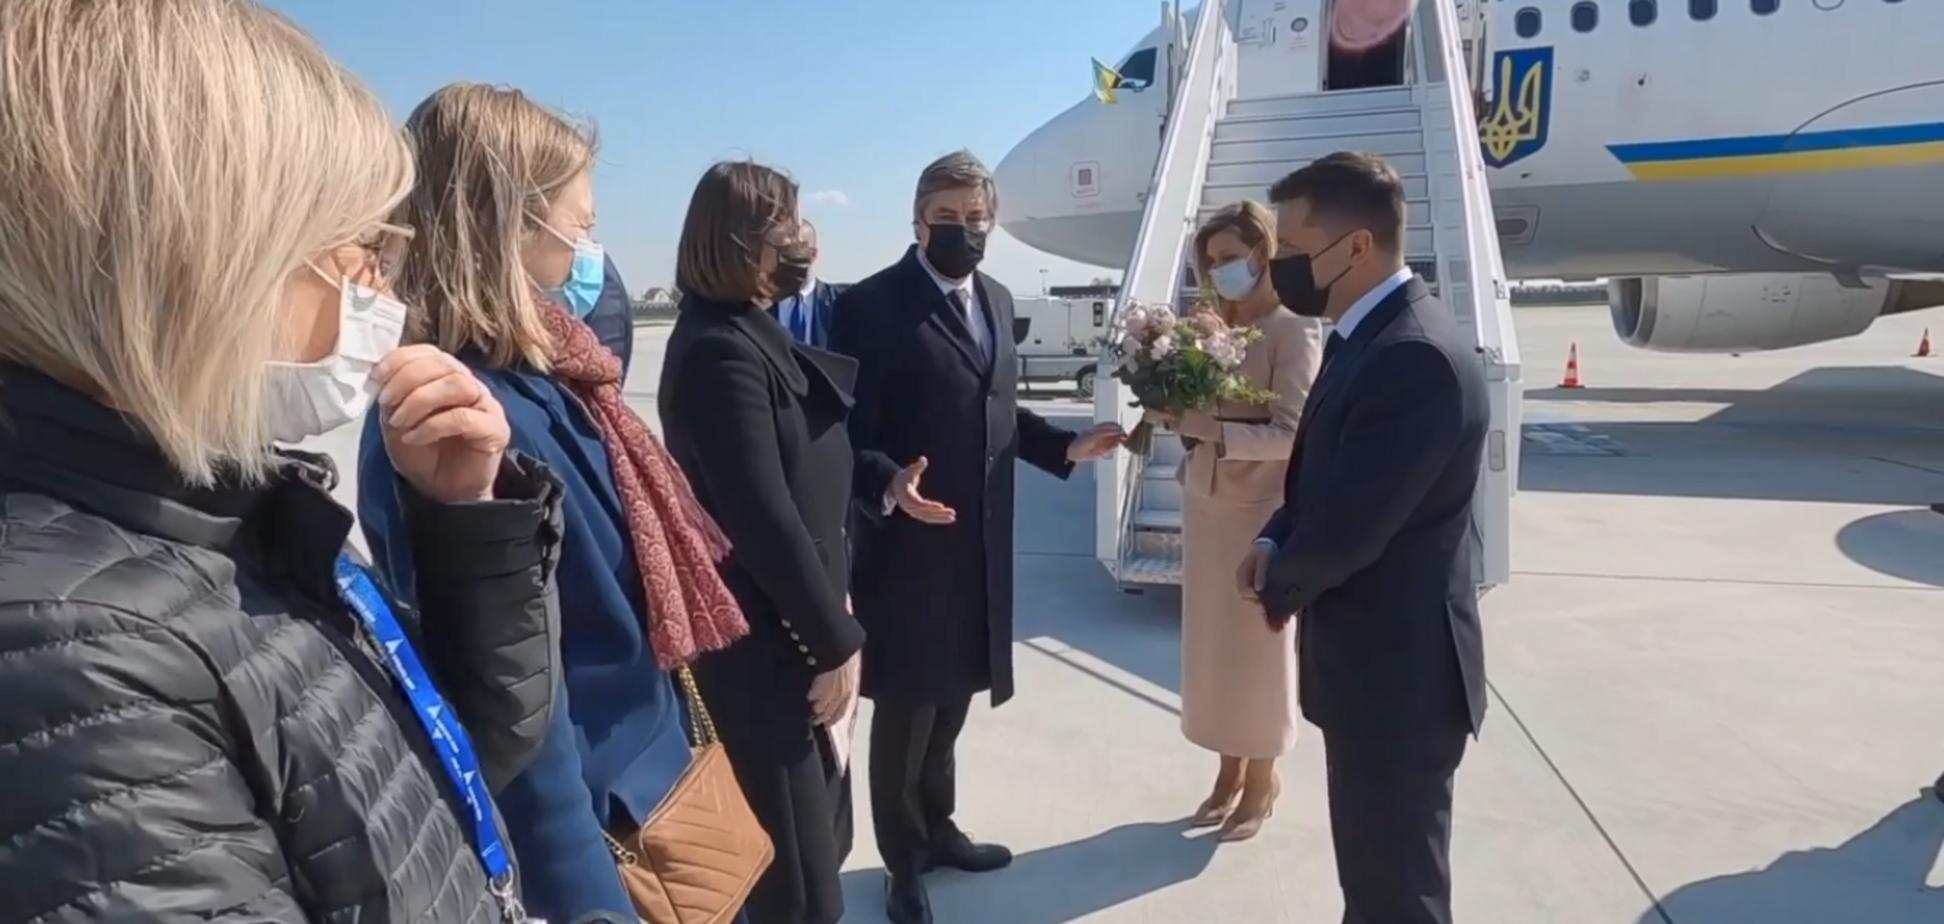 Президент Украины Владимир Зеленский и первая леди Елена Зеленская